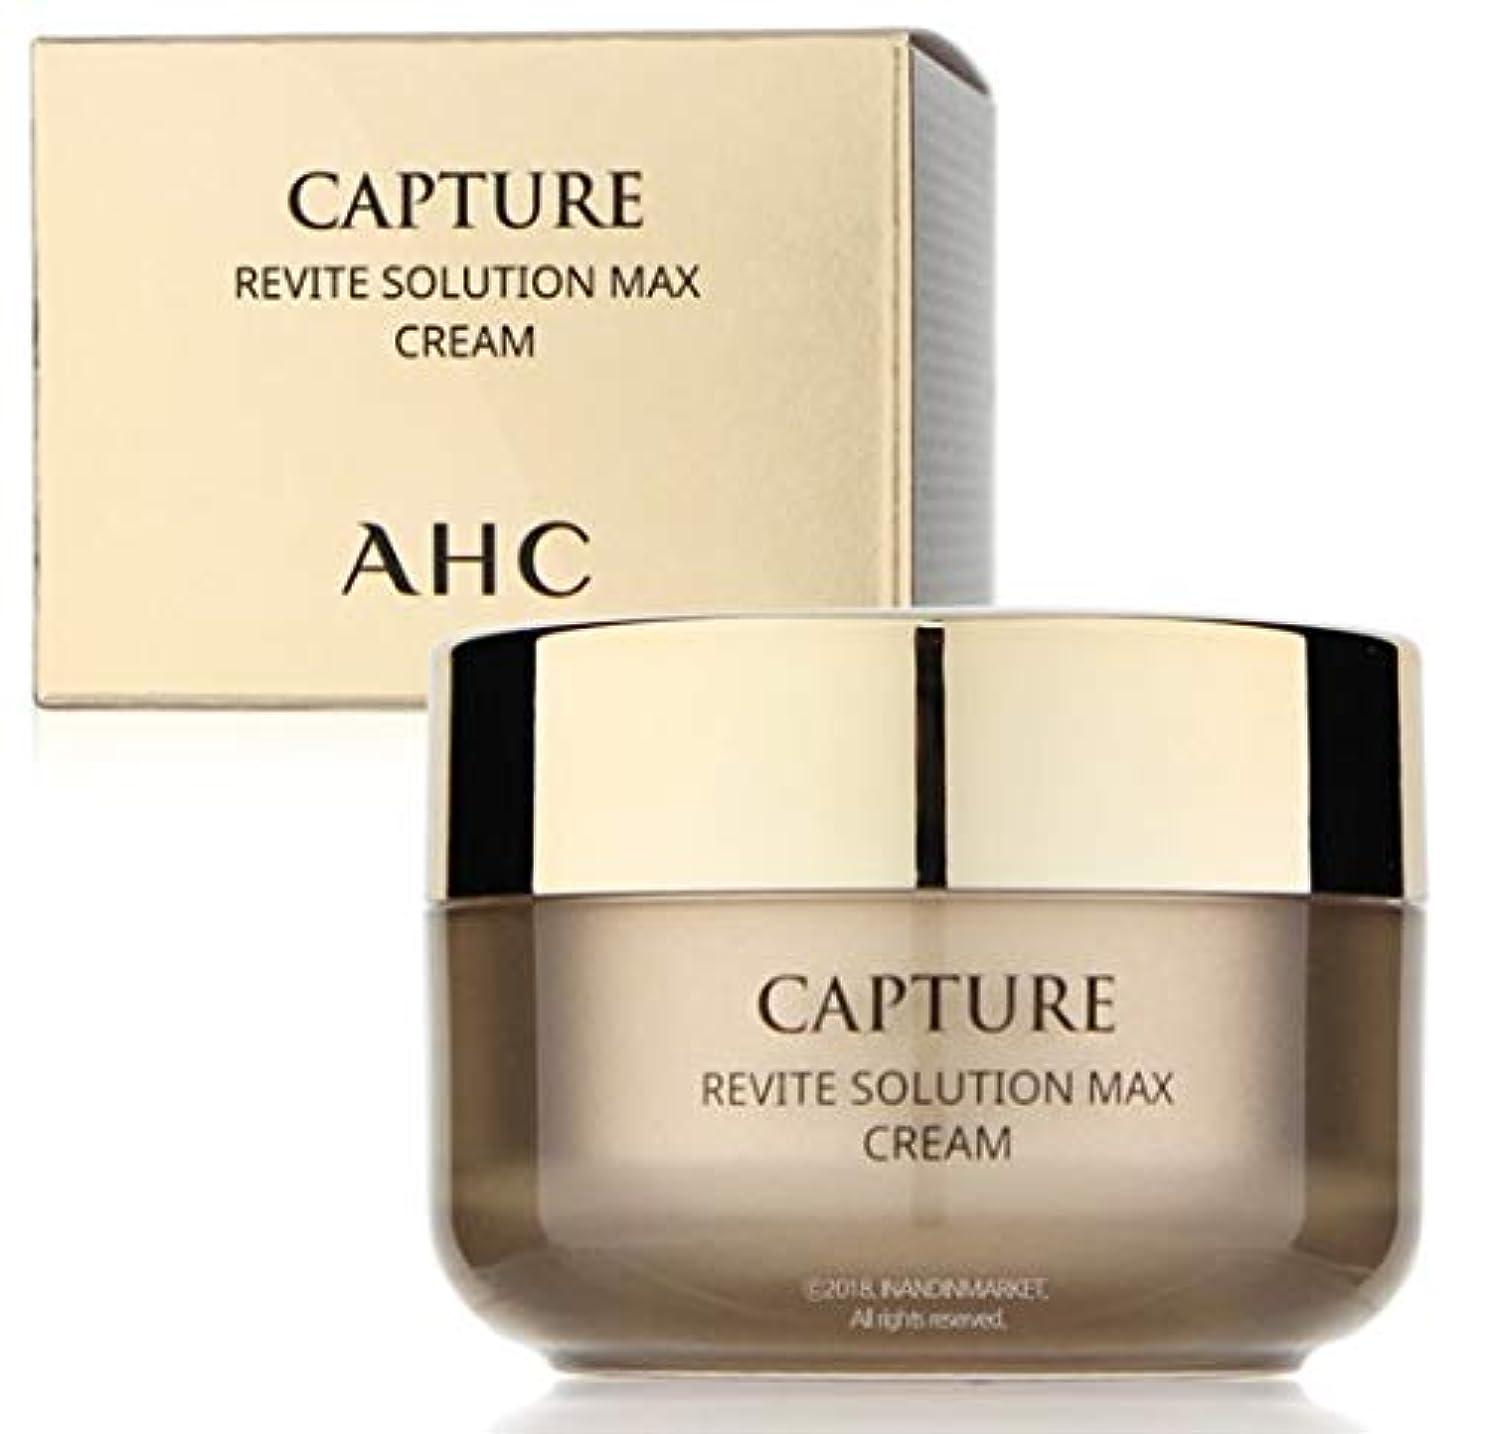 前投薬寂しい空洞AHC Capture Revite Solution Max Cream/キャプチャー リバイト ソリューション マックス クリーム 50ml [並行輸入品]